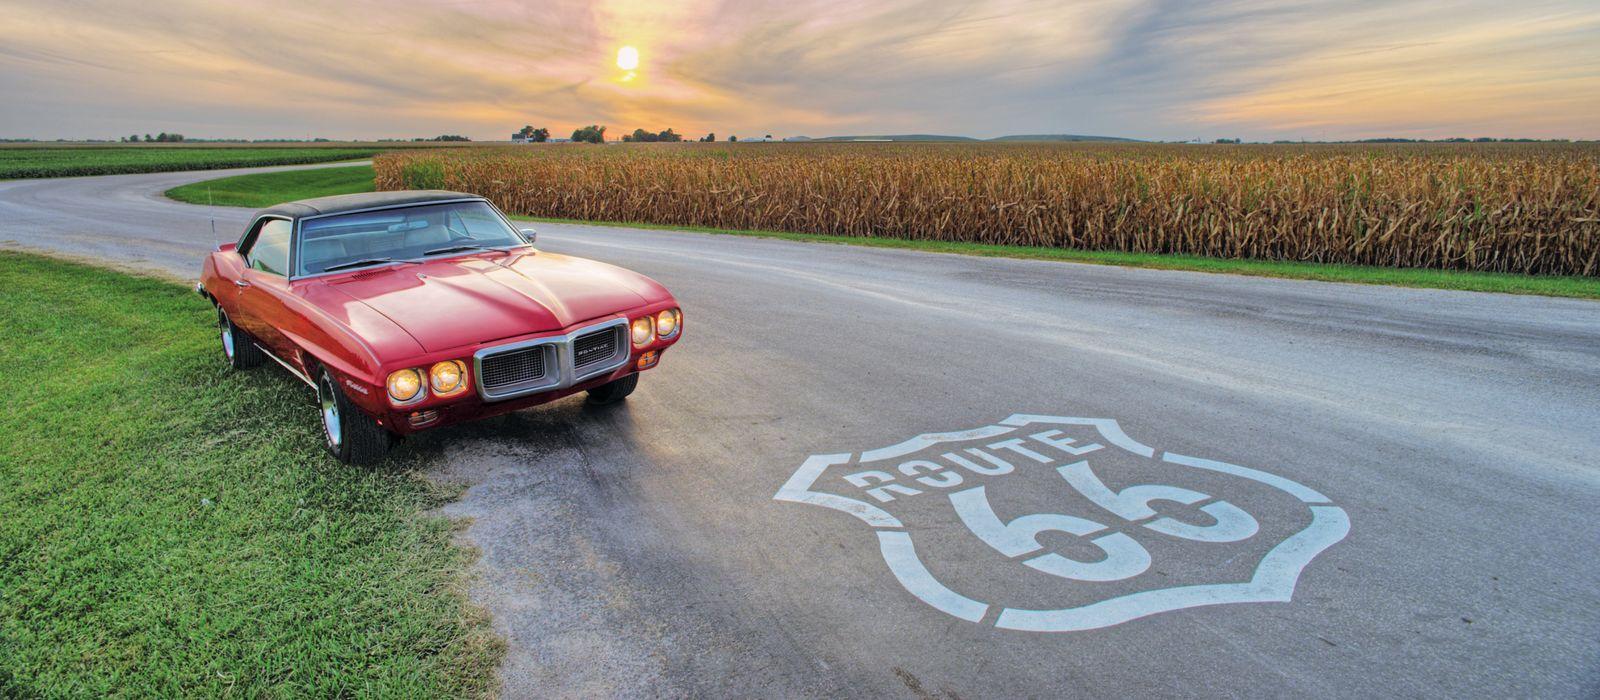 Legendaere Route 66